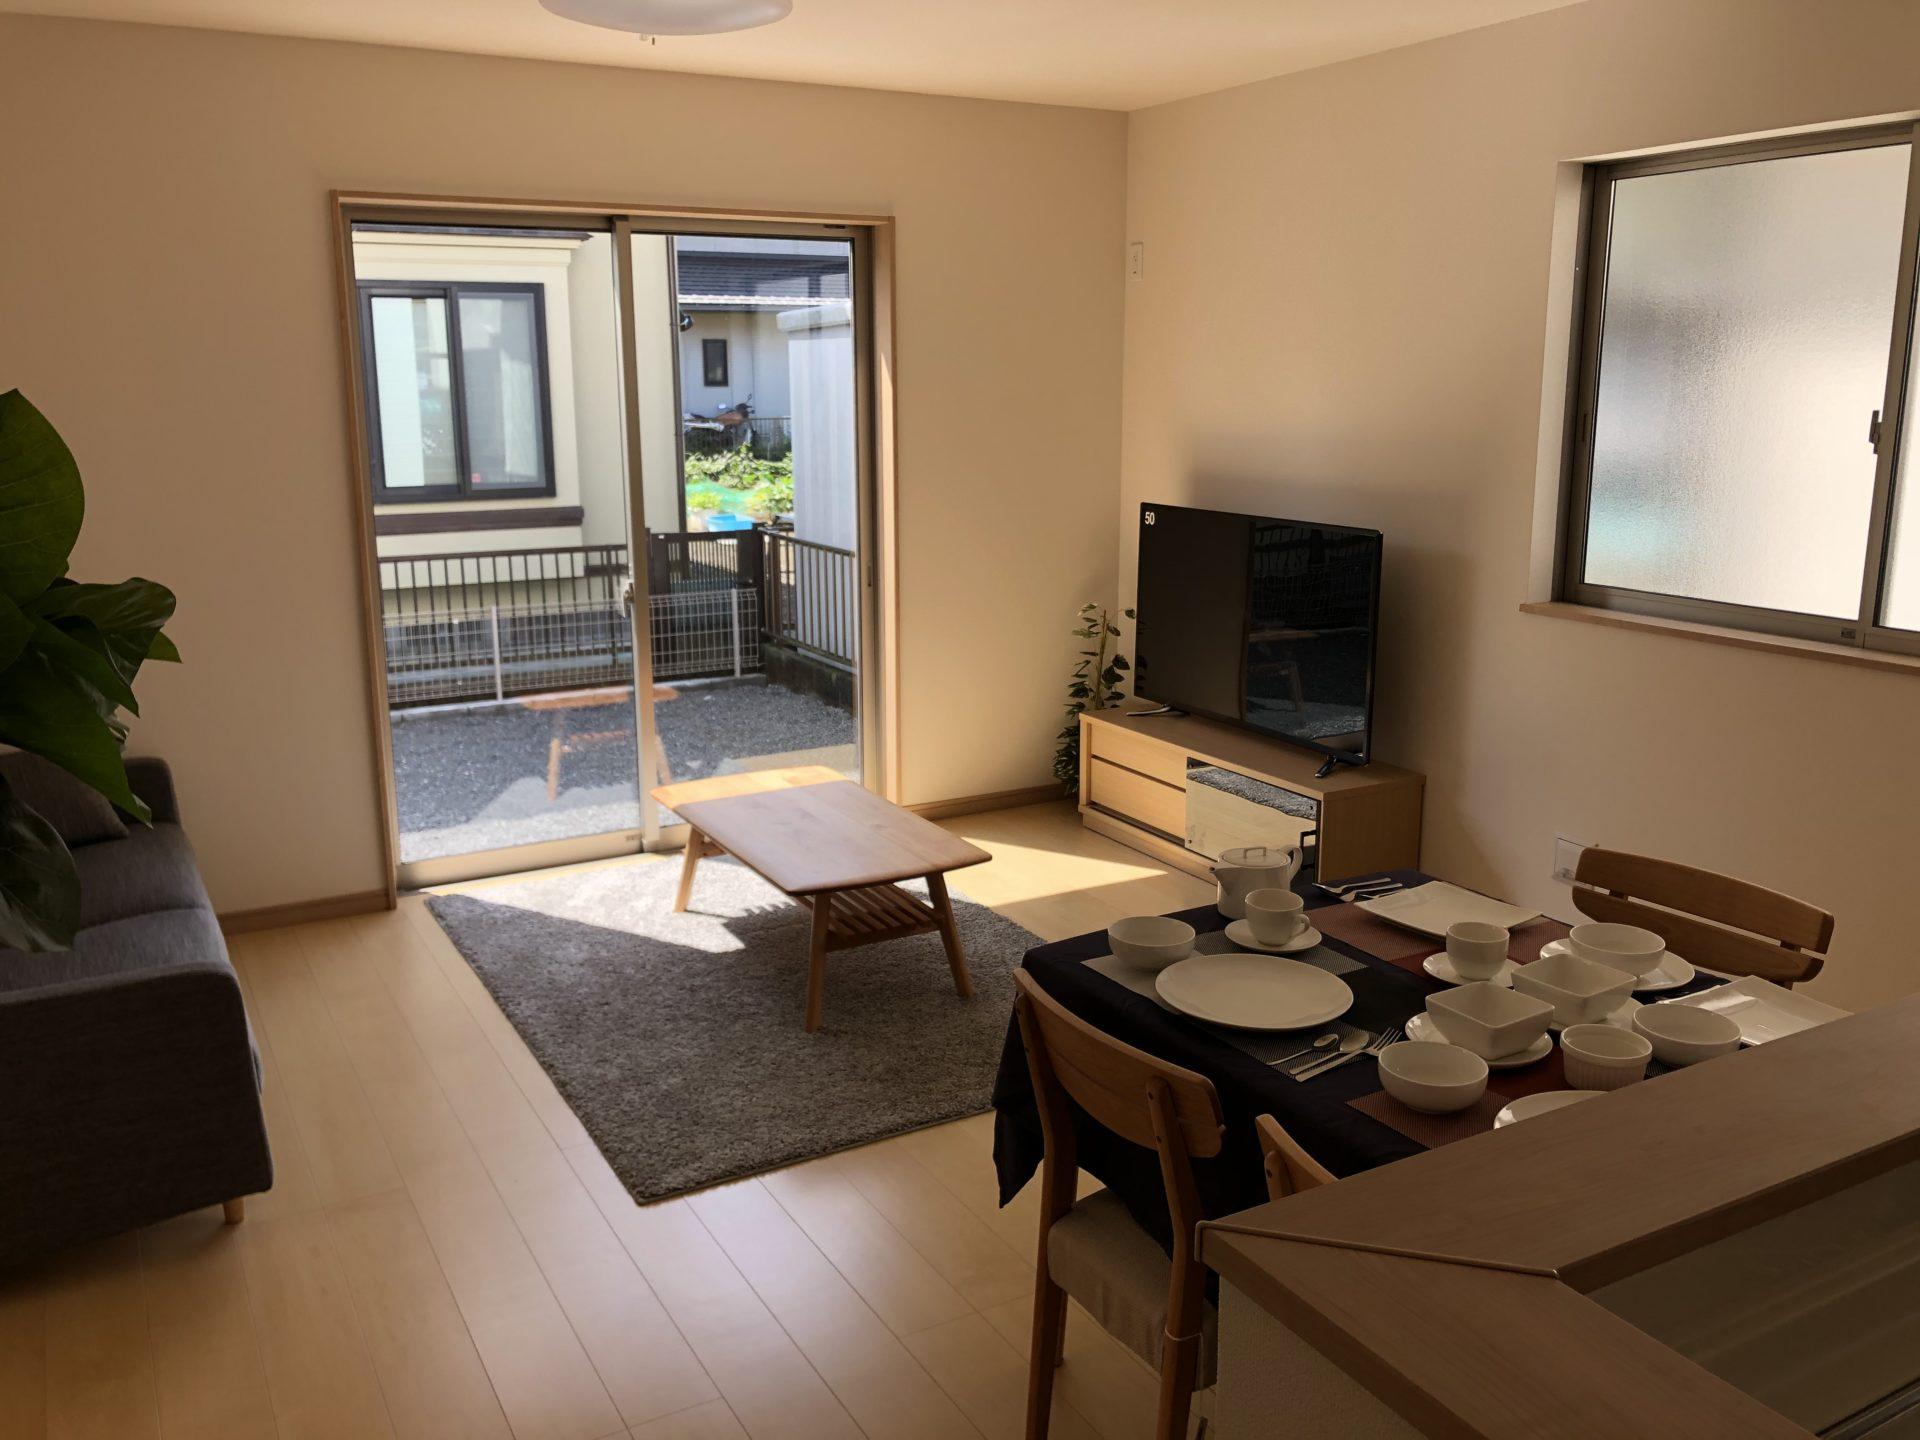 藤枝市時ケ谷新築住宅 7月現地販売会開催